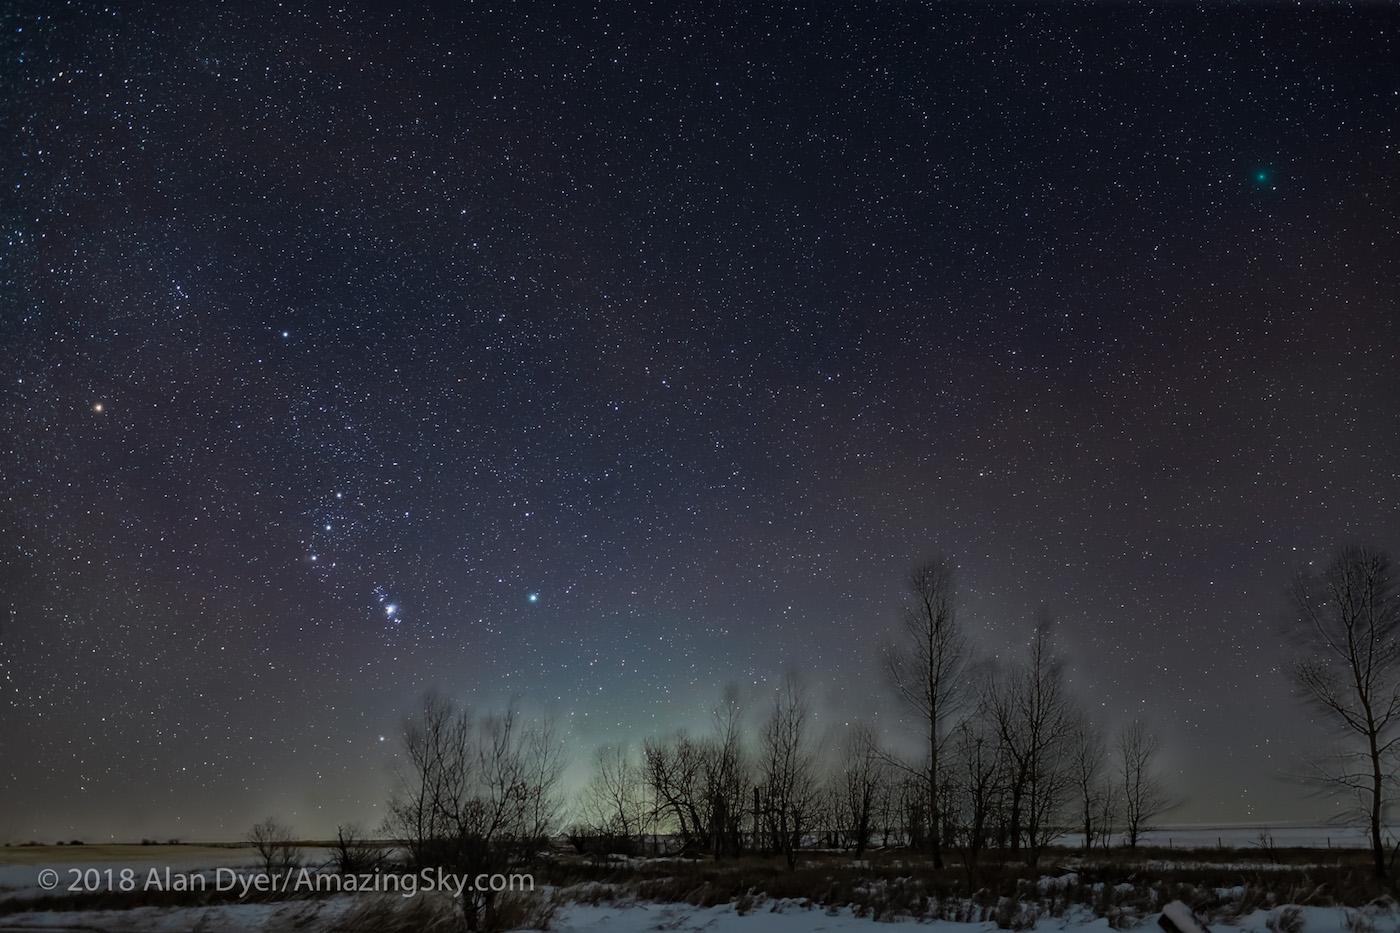 Foto de la constelación de Orión y el Cometa 46P/Wirtanen tomada desde Canadá